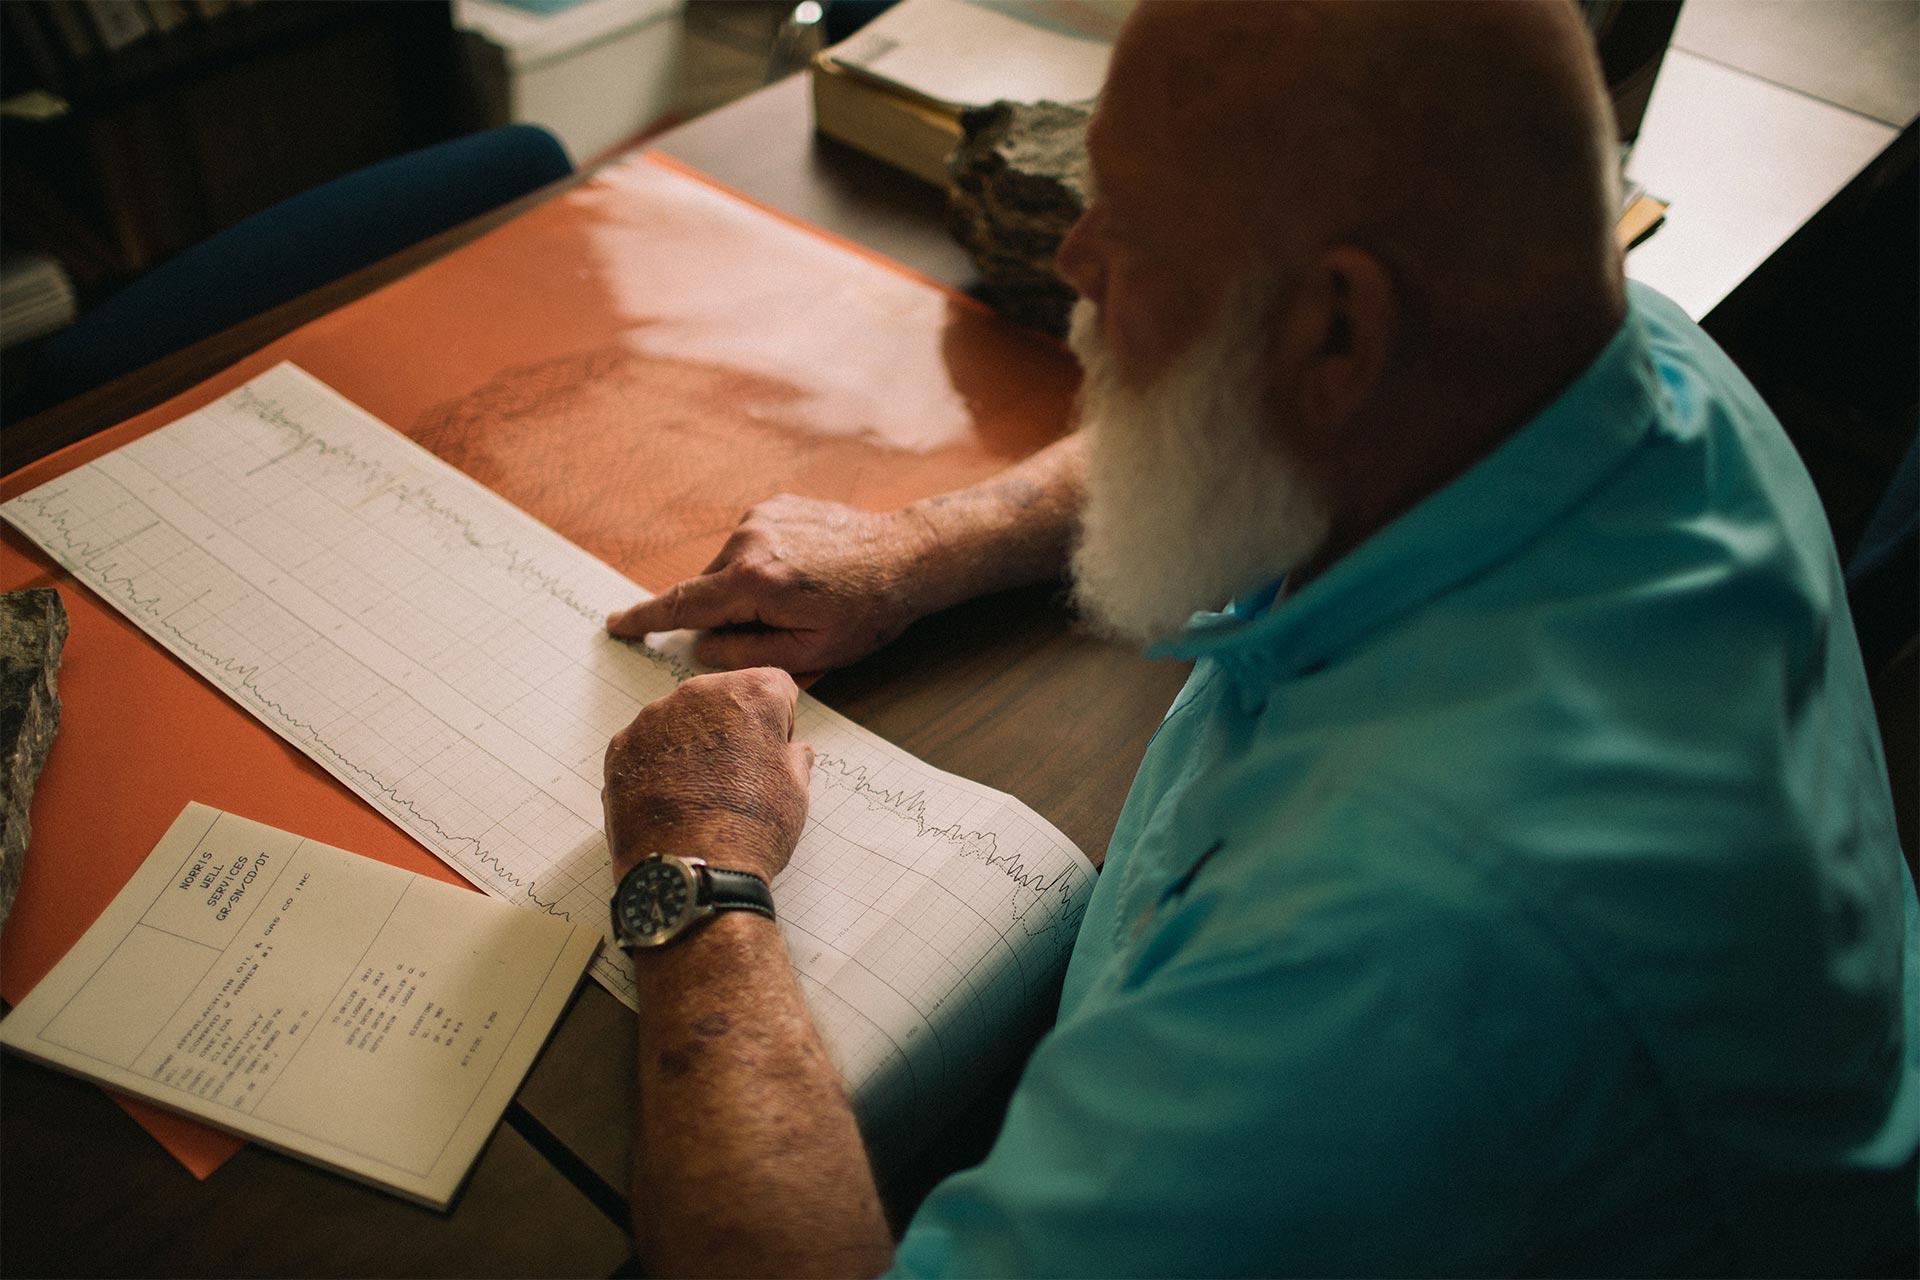 Patrick Gooding examining seismograph chart